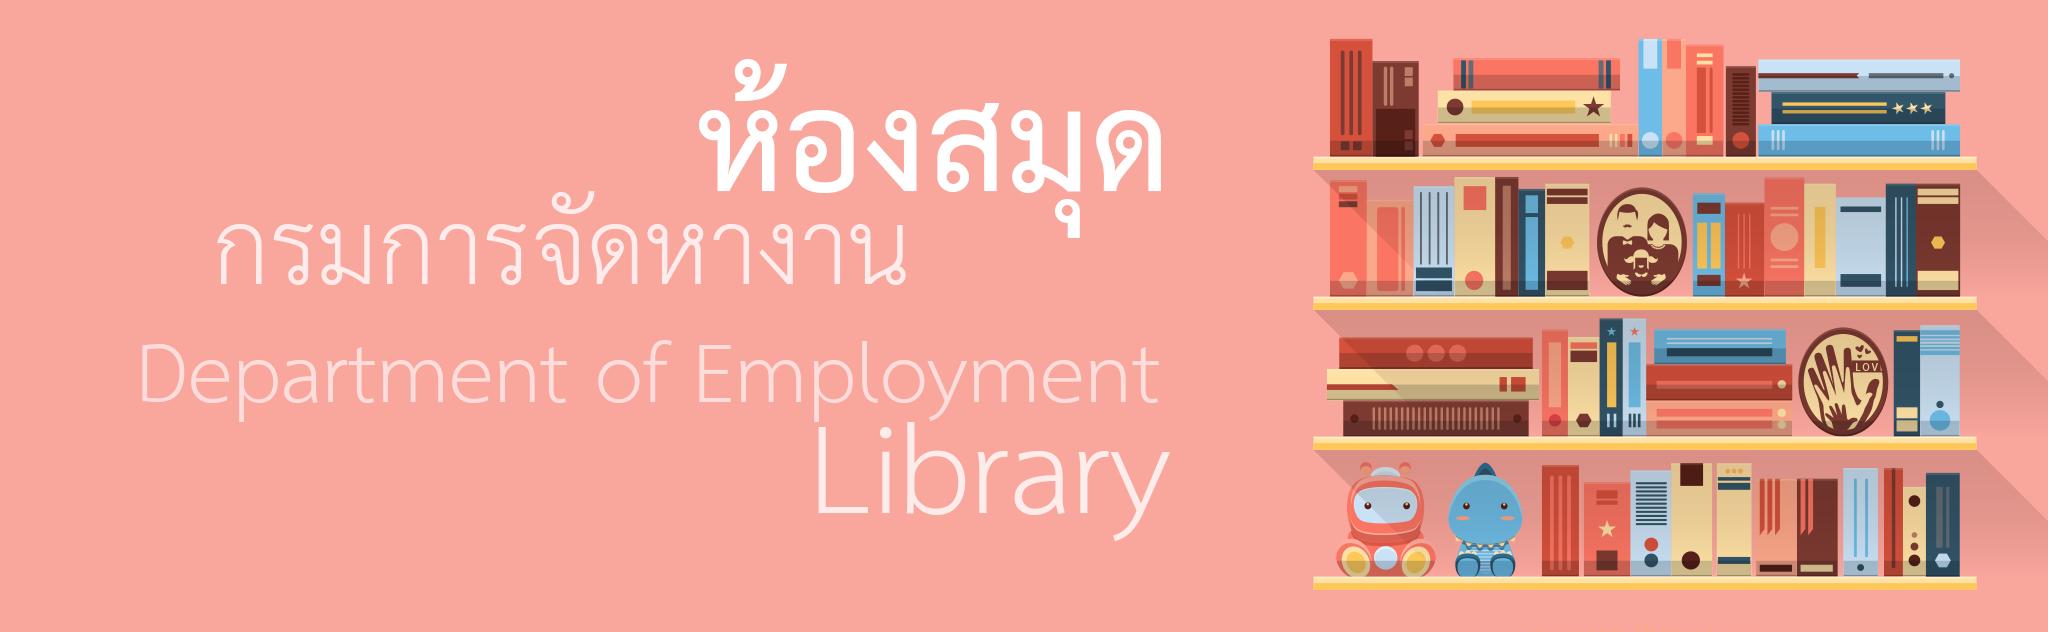 ห้องสมุด กรมการจัดหางาน